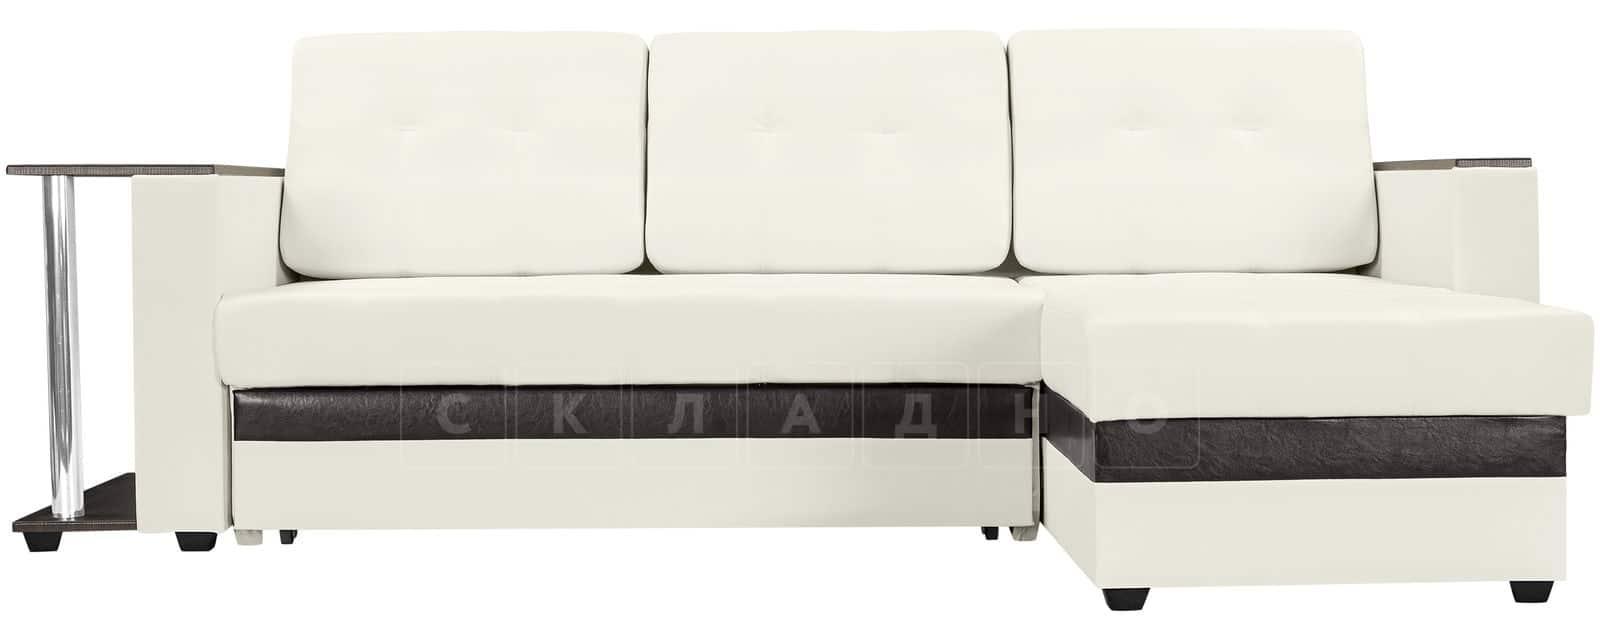 Угловой диван Атланта экокожа молочный фото 2   интернет-магазин Складно